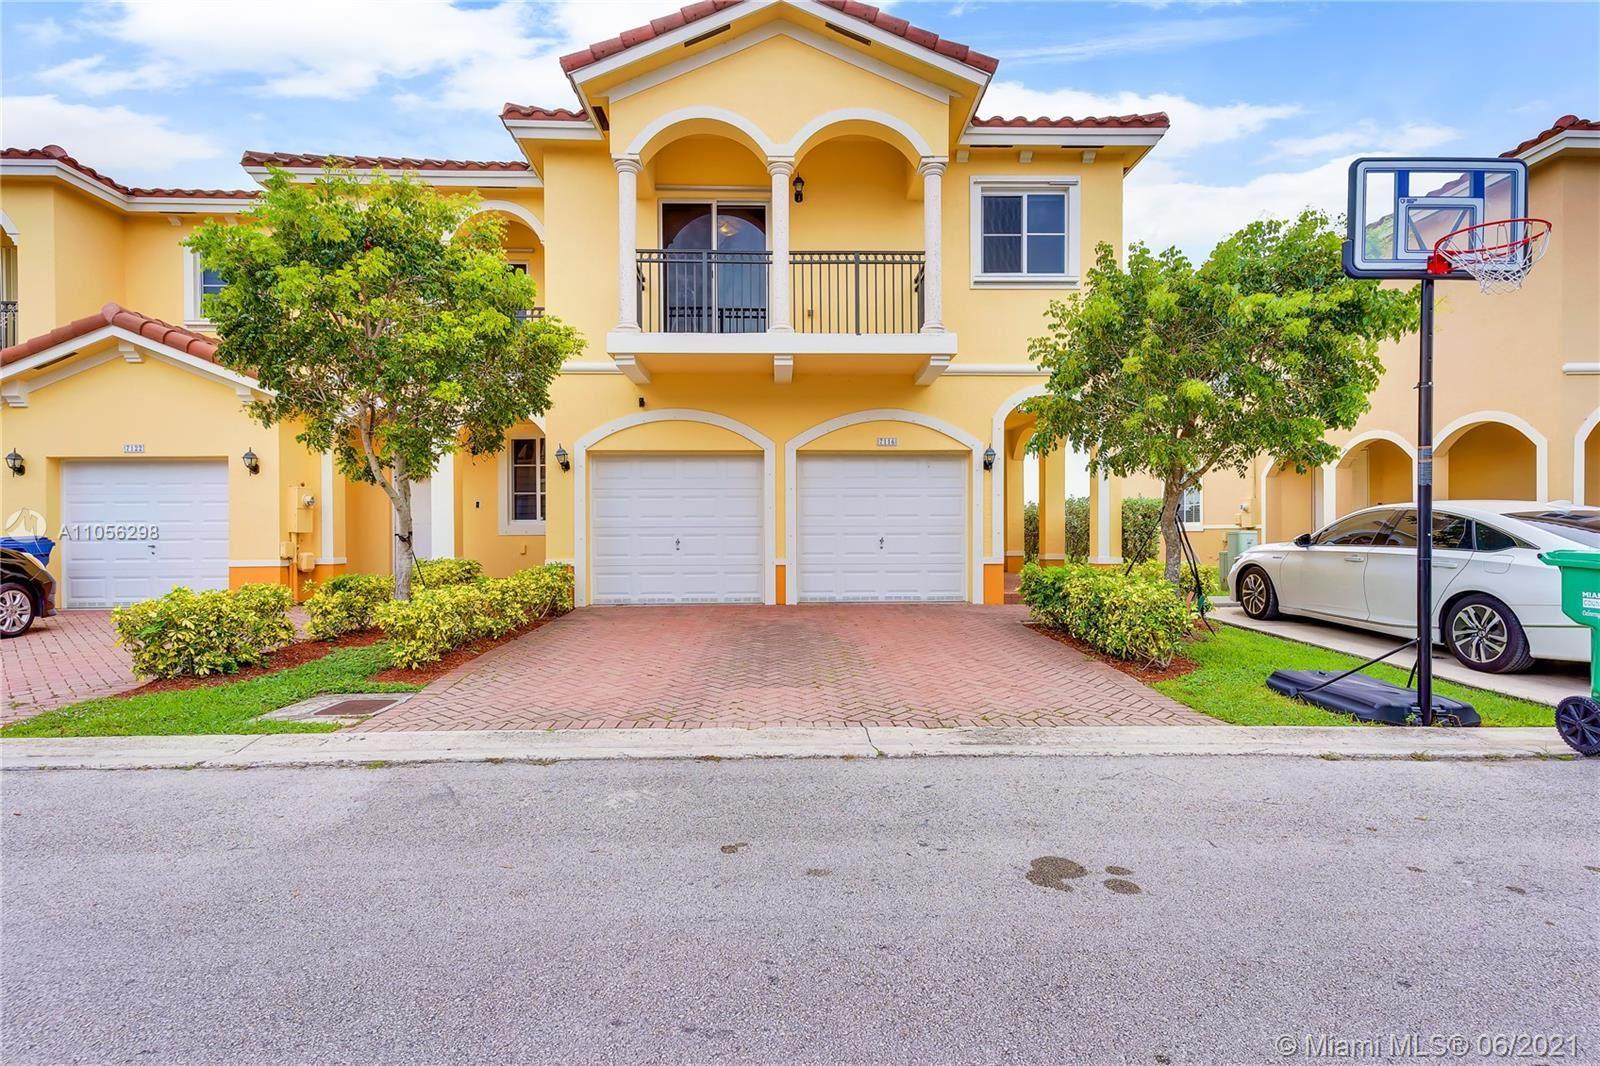 7116 SW 166th Pl #7116, Miami, FL 33193 - #: A11056298